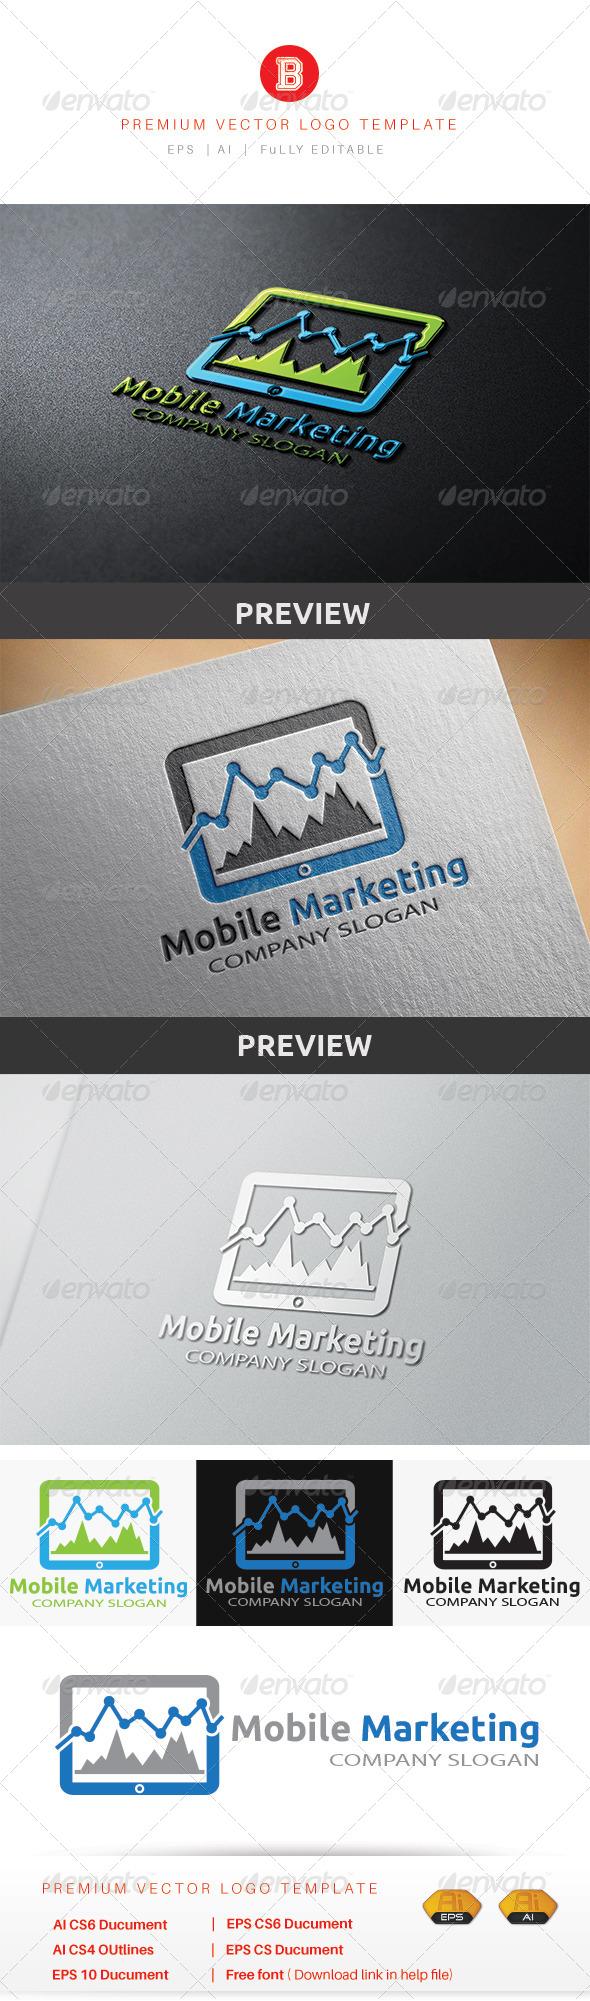 GraphicRiver Mobile Marketing 8537634